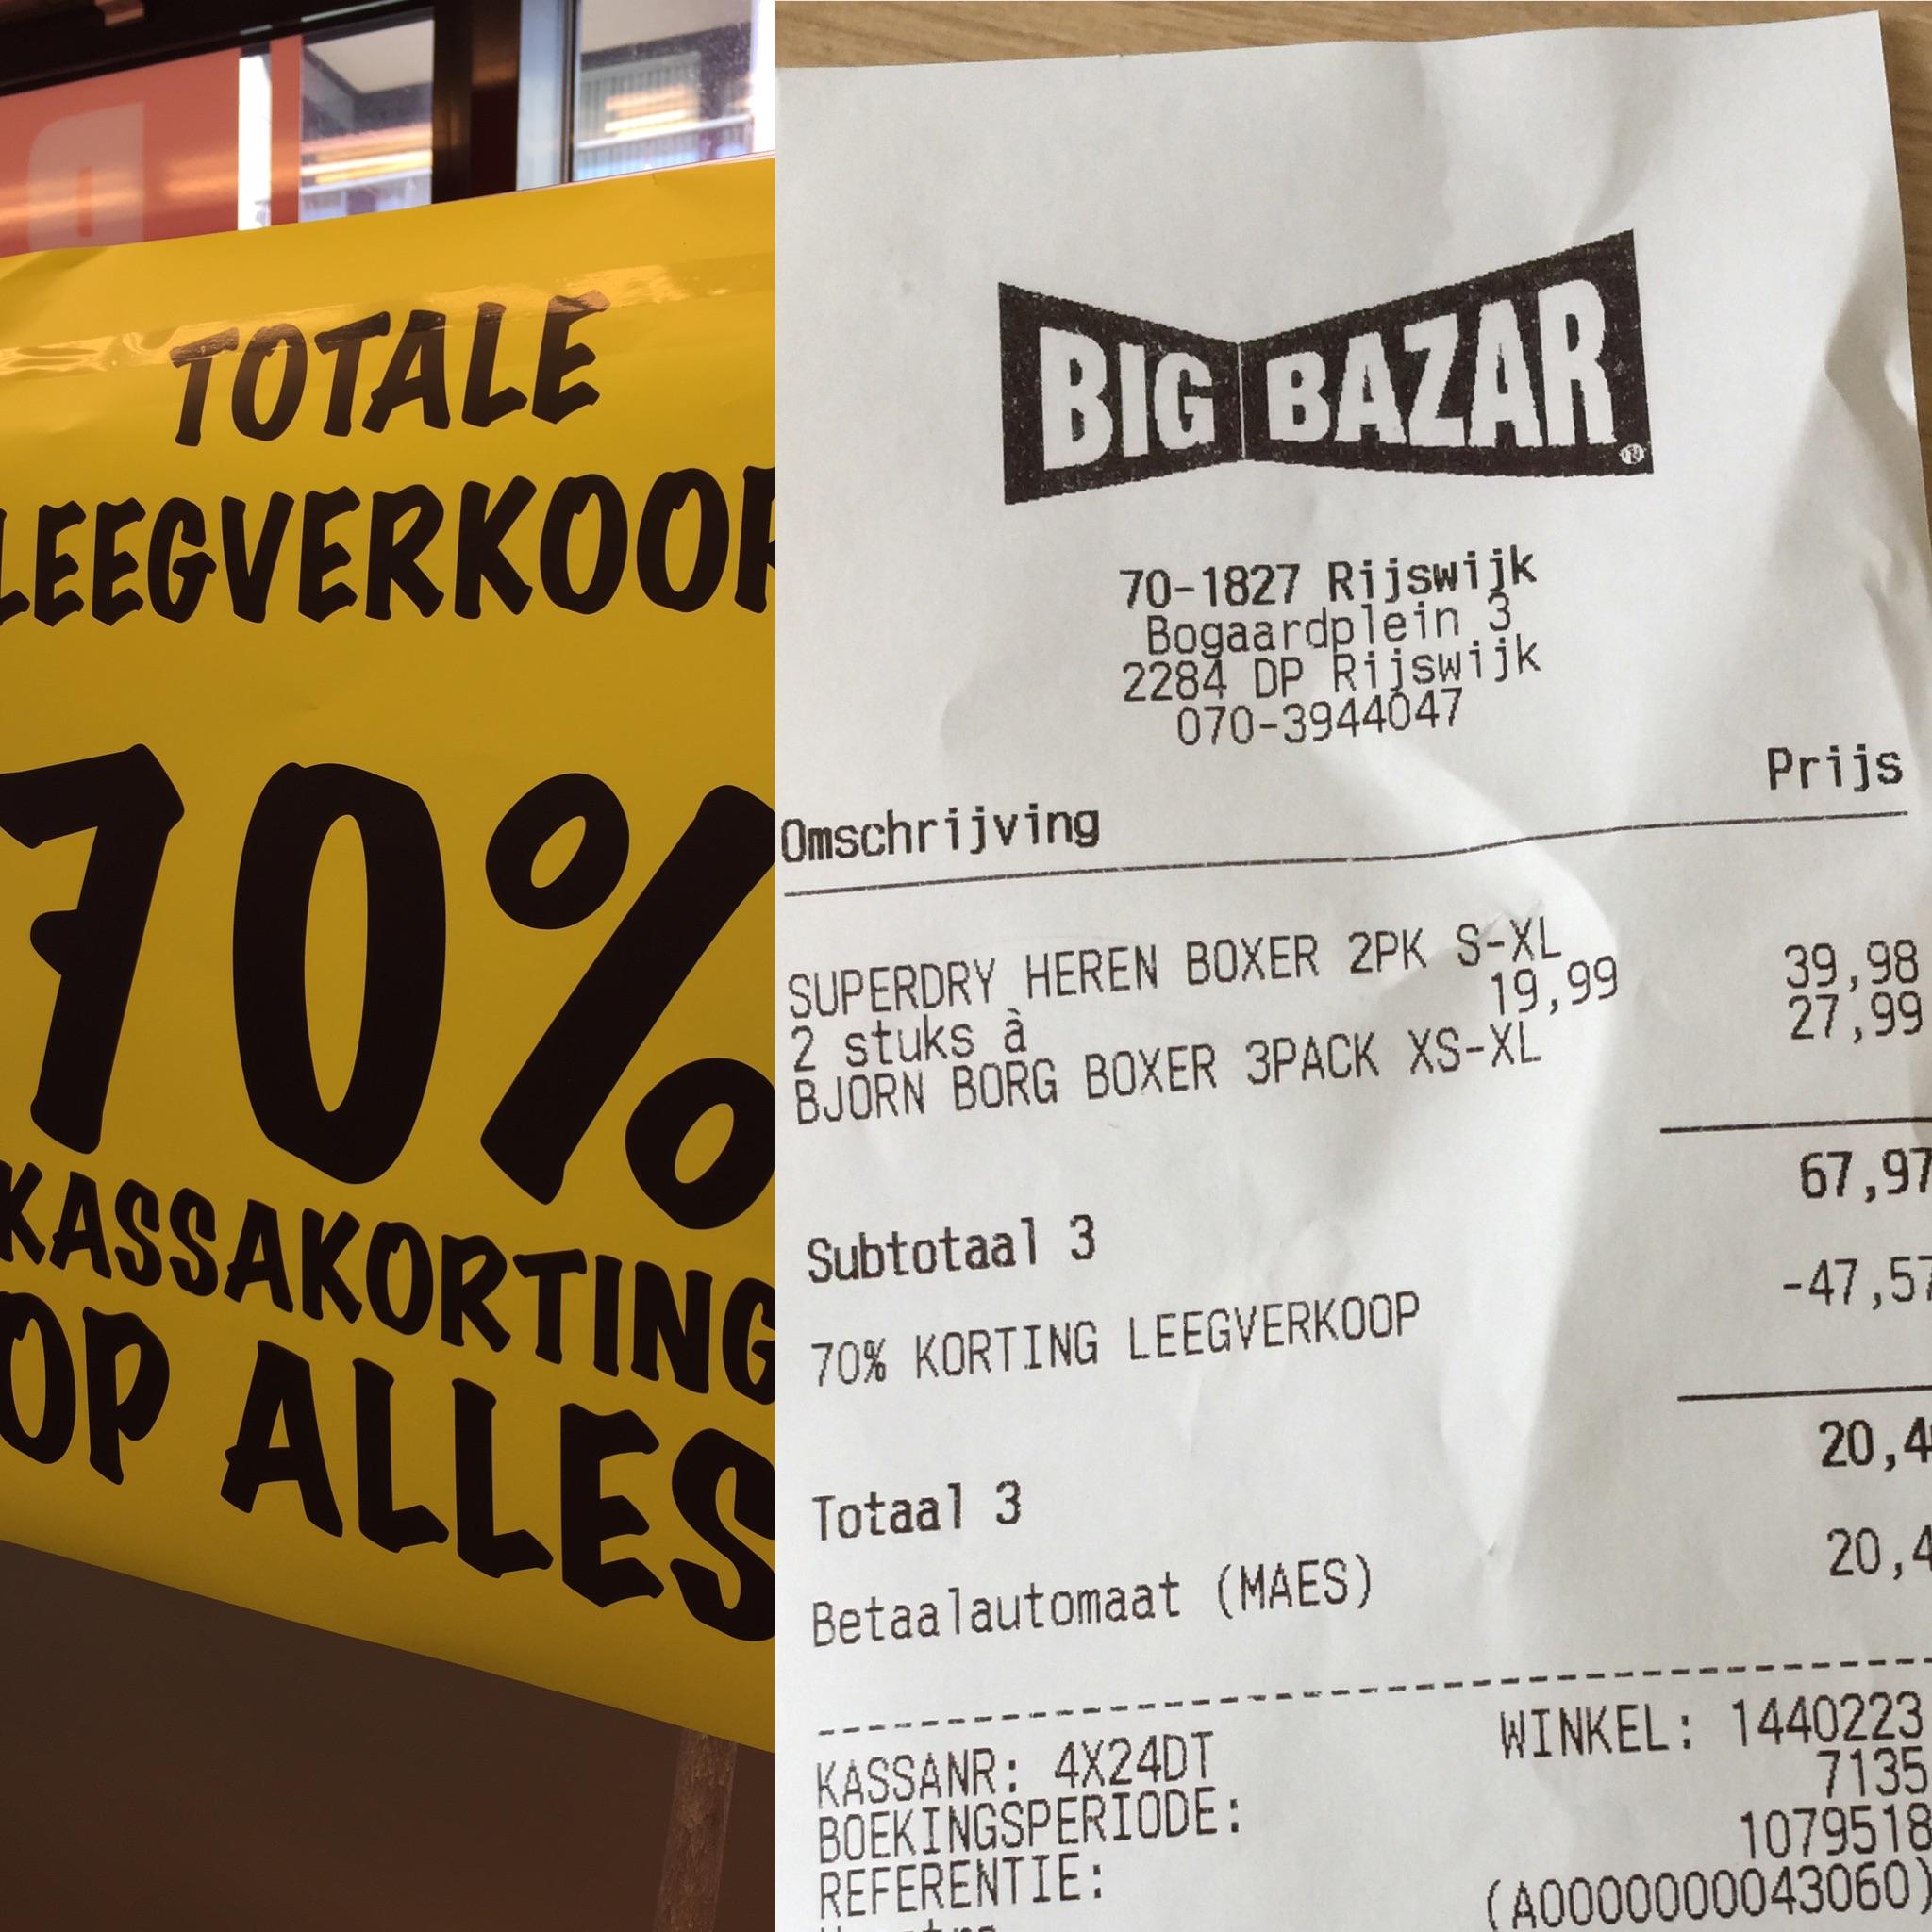 70% Korting op alles bij BigBazar Rijswijk, totale leegverkoop.